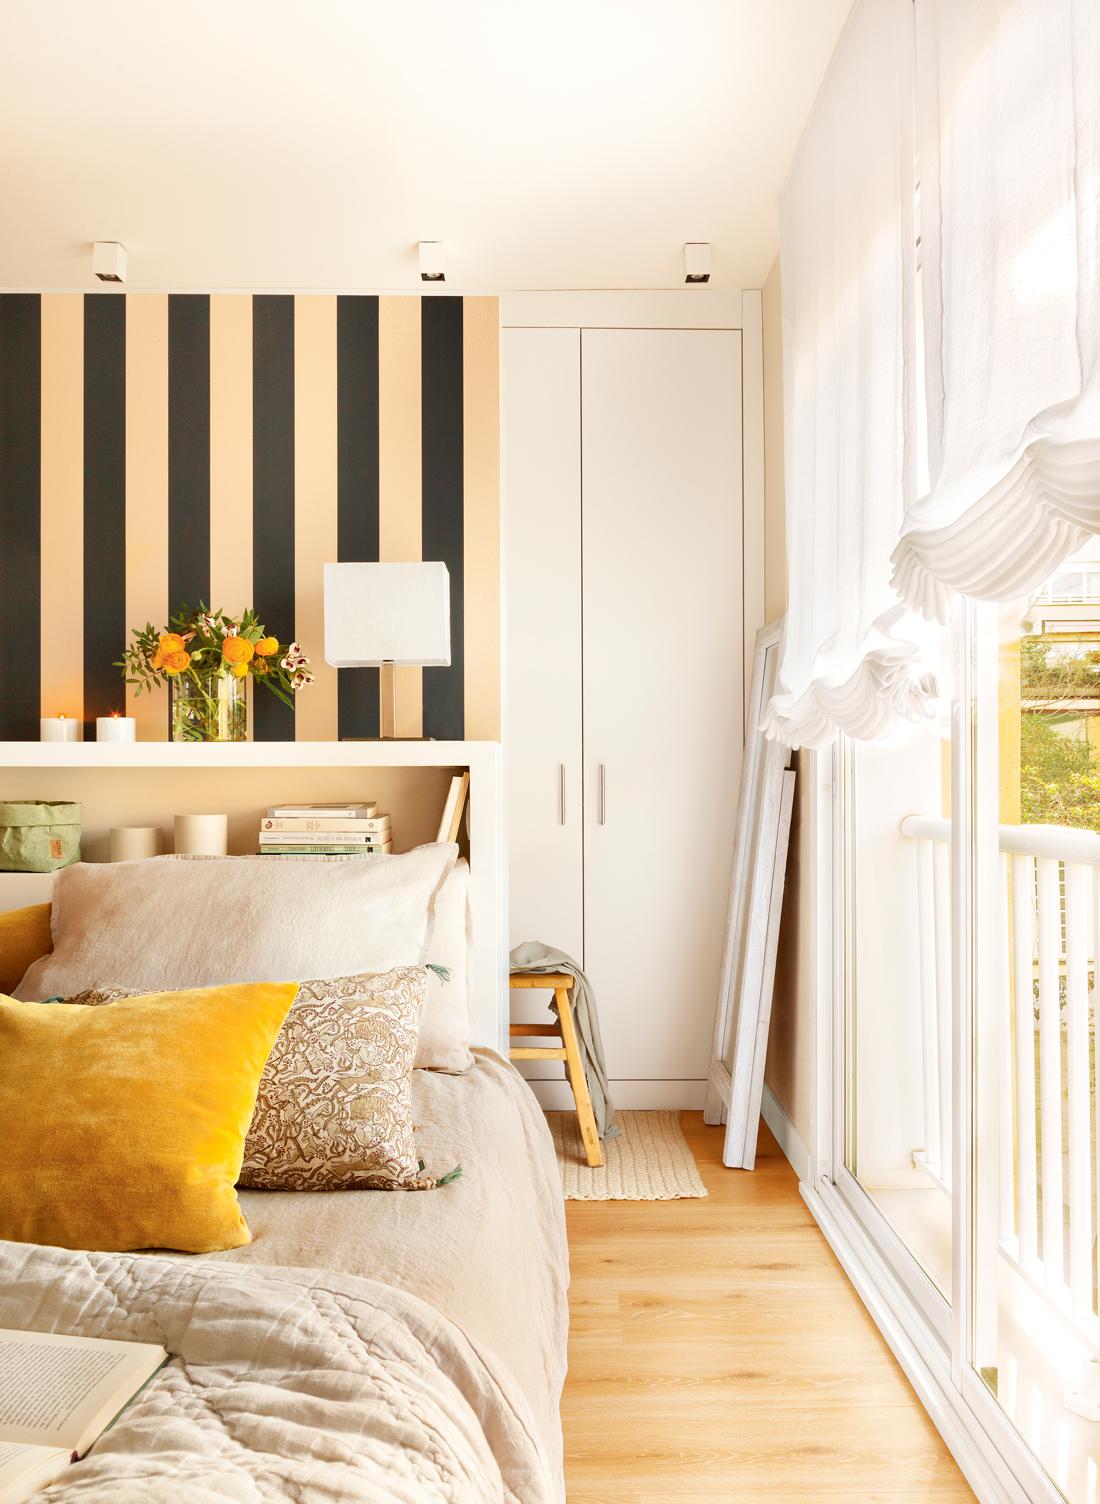 50 dormitorios principales para coger ideas - Papel pintado dormitorio principal ...